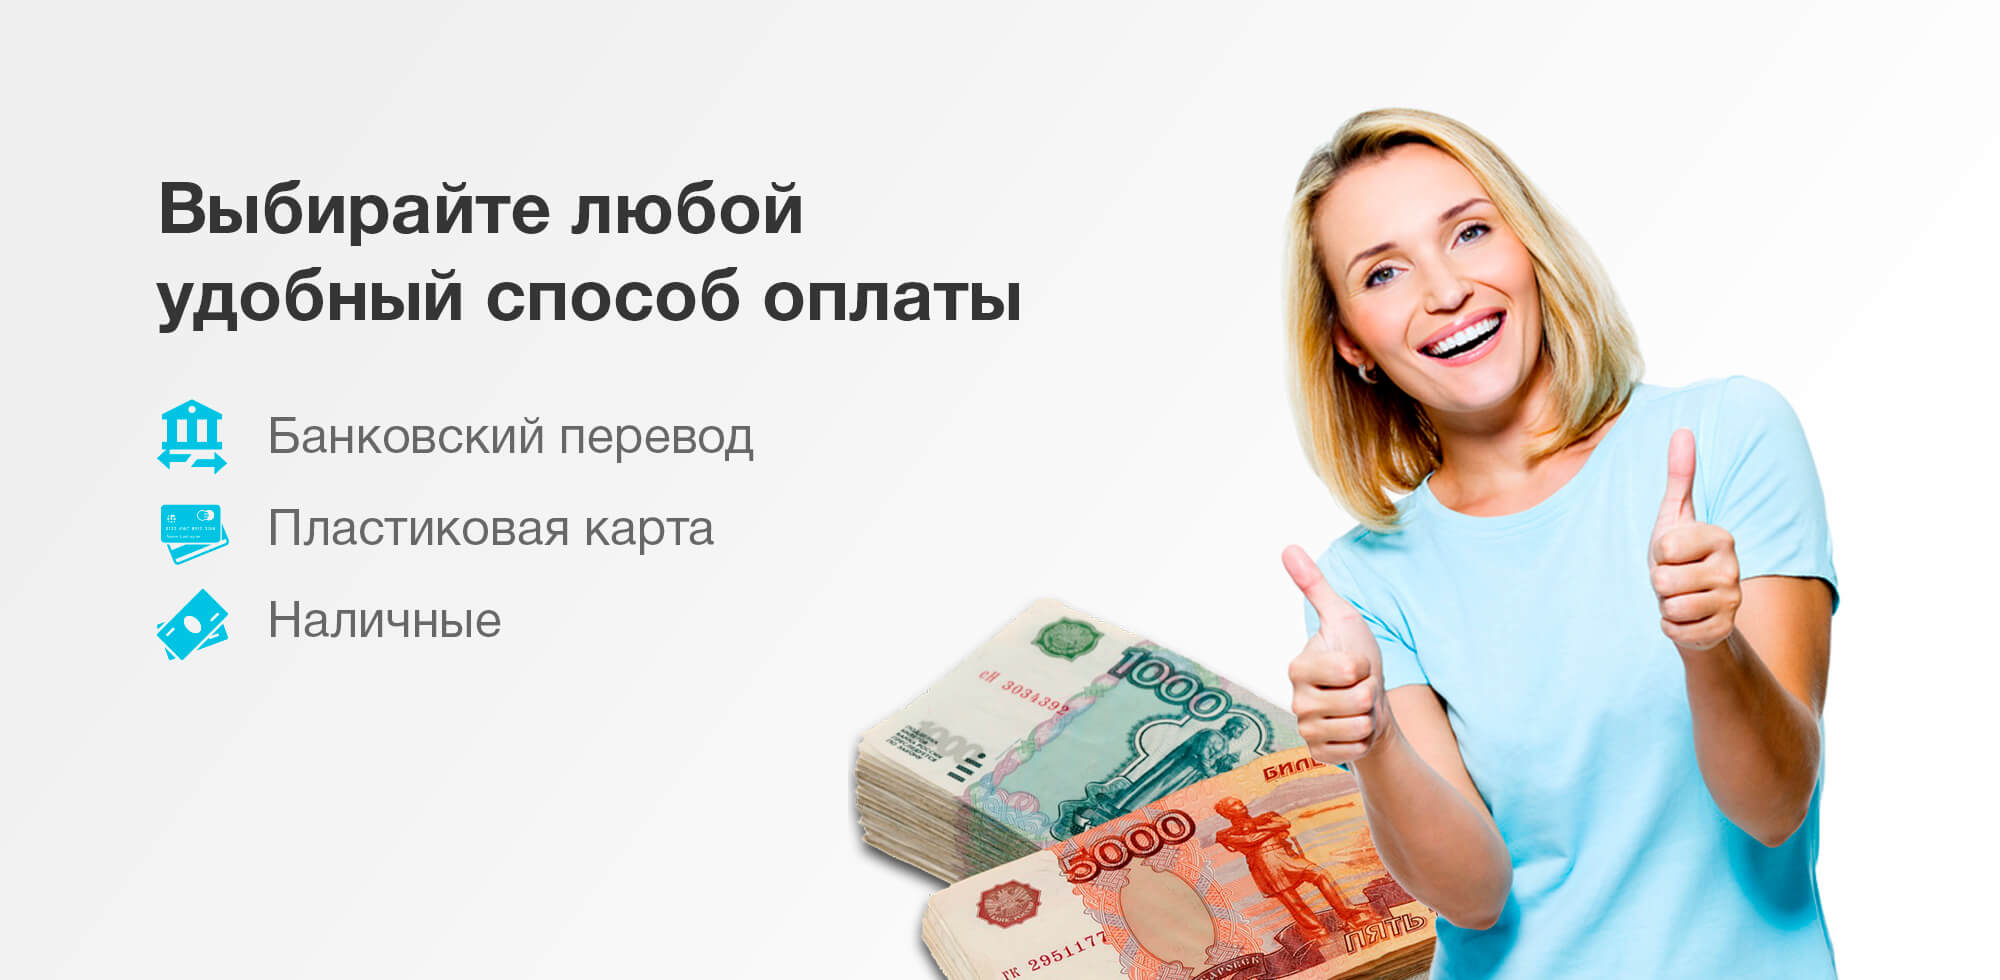 Взять займ в Гурьевске